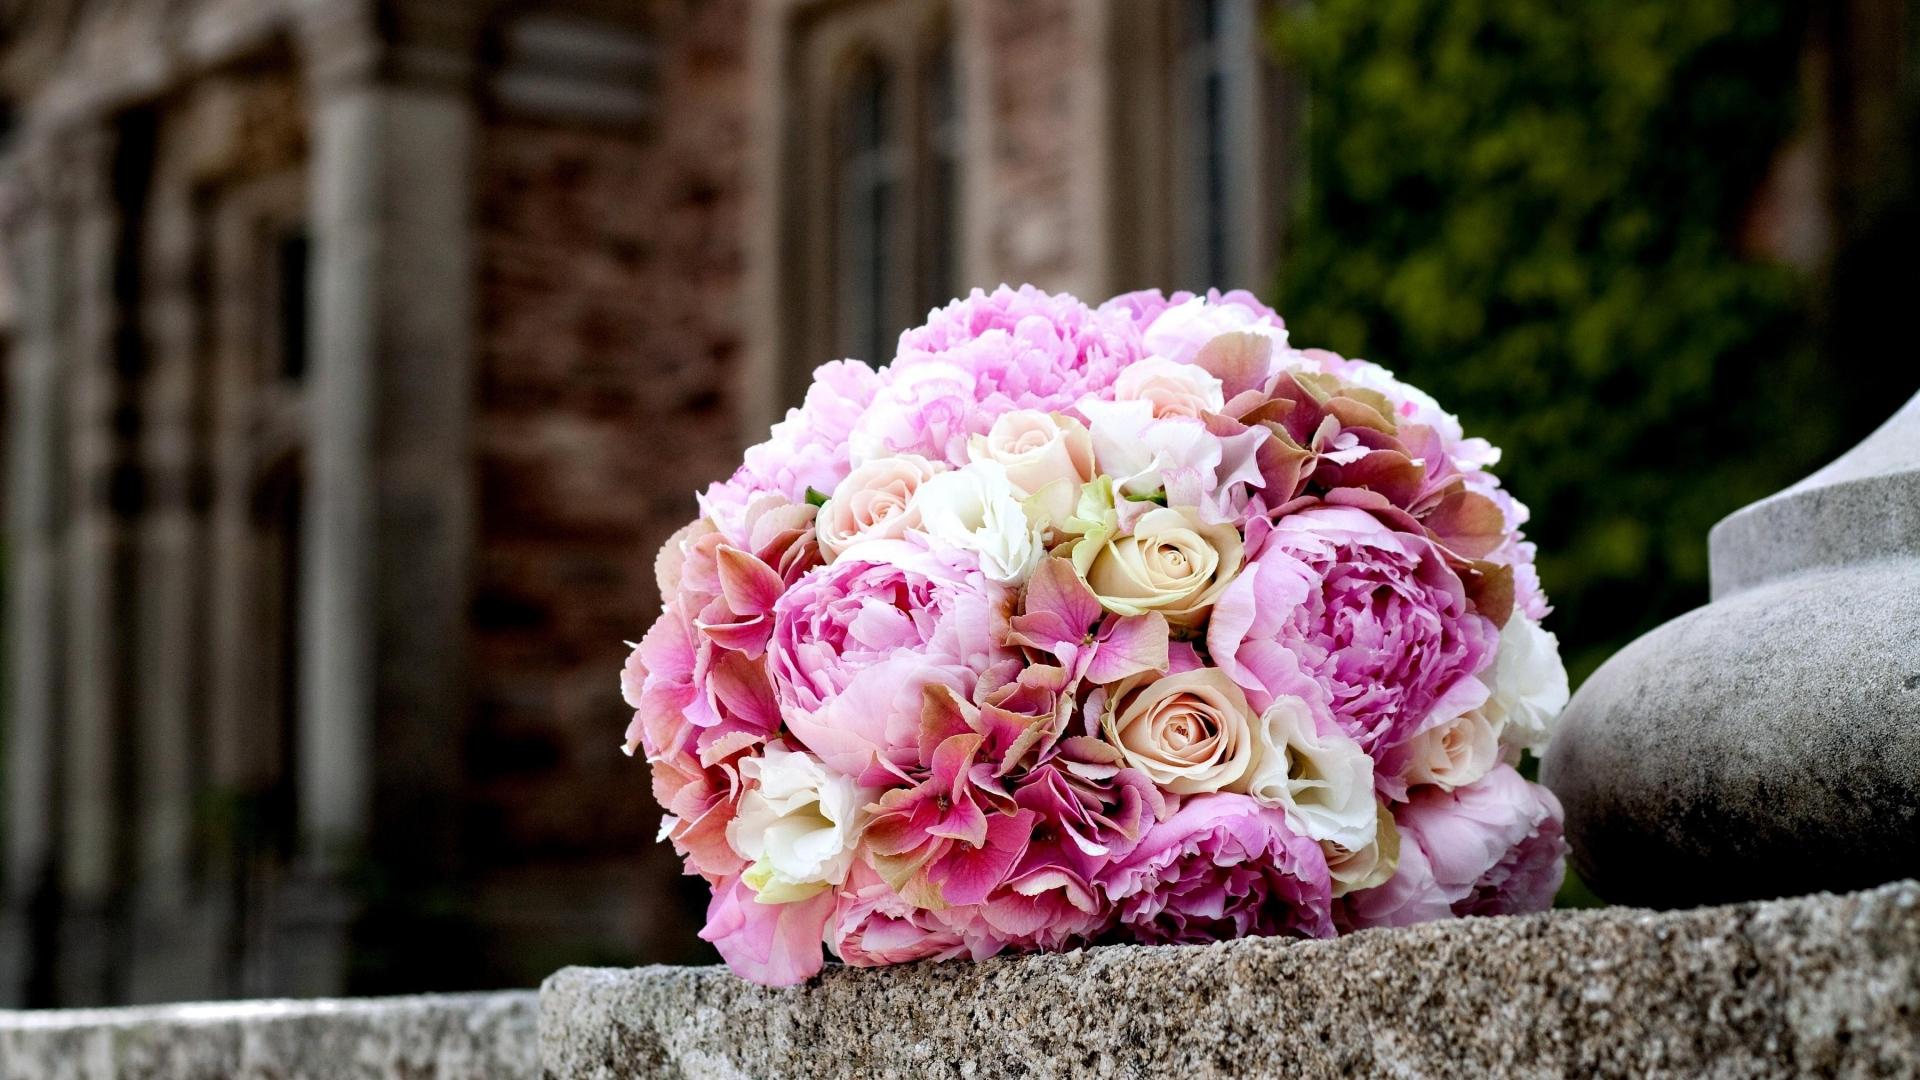 Roses Peonies Flower Ball Tenderness Marble 45243 1920x1080